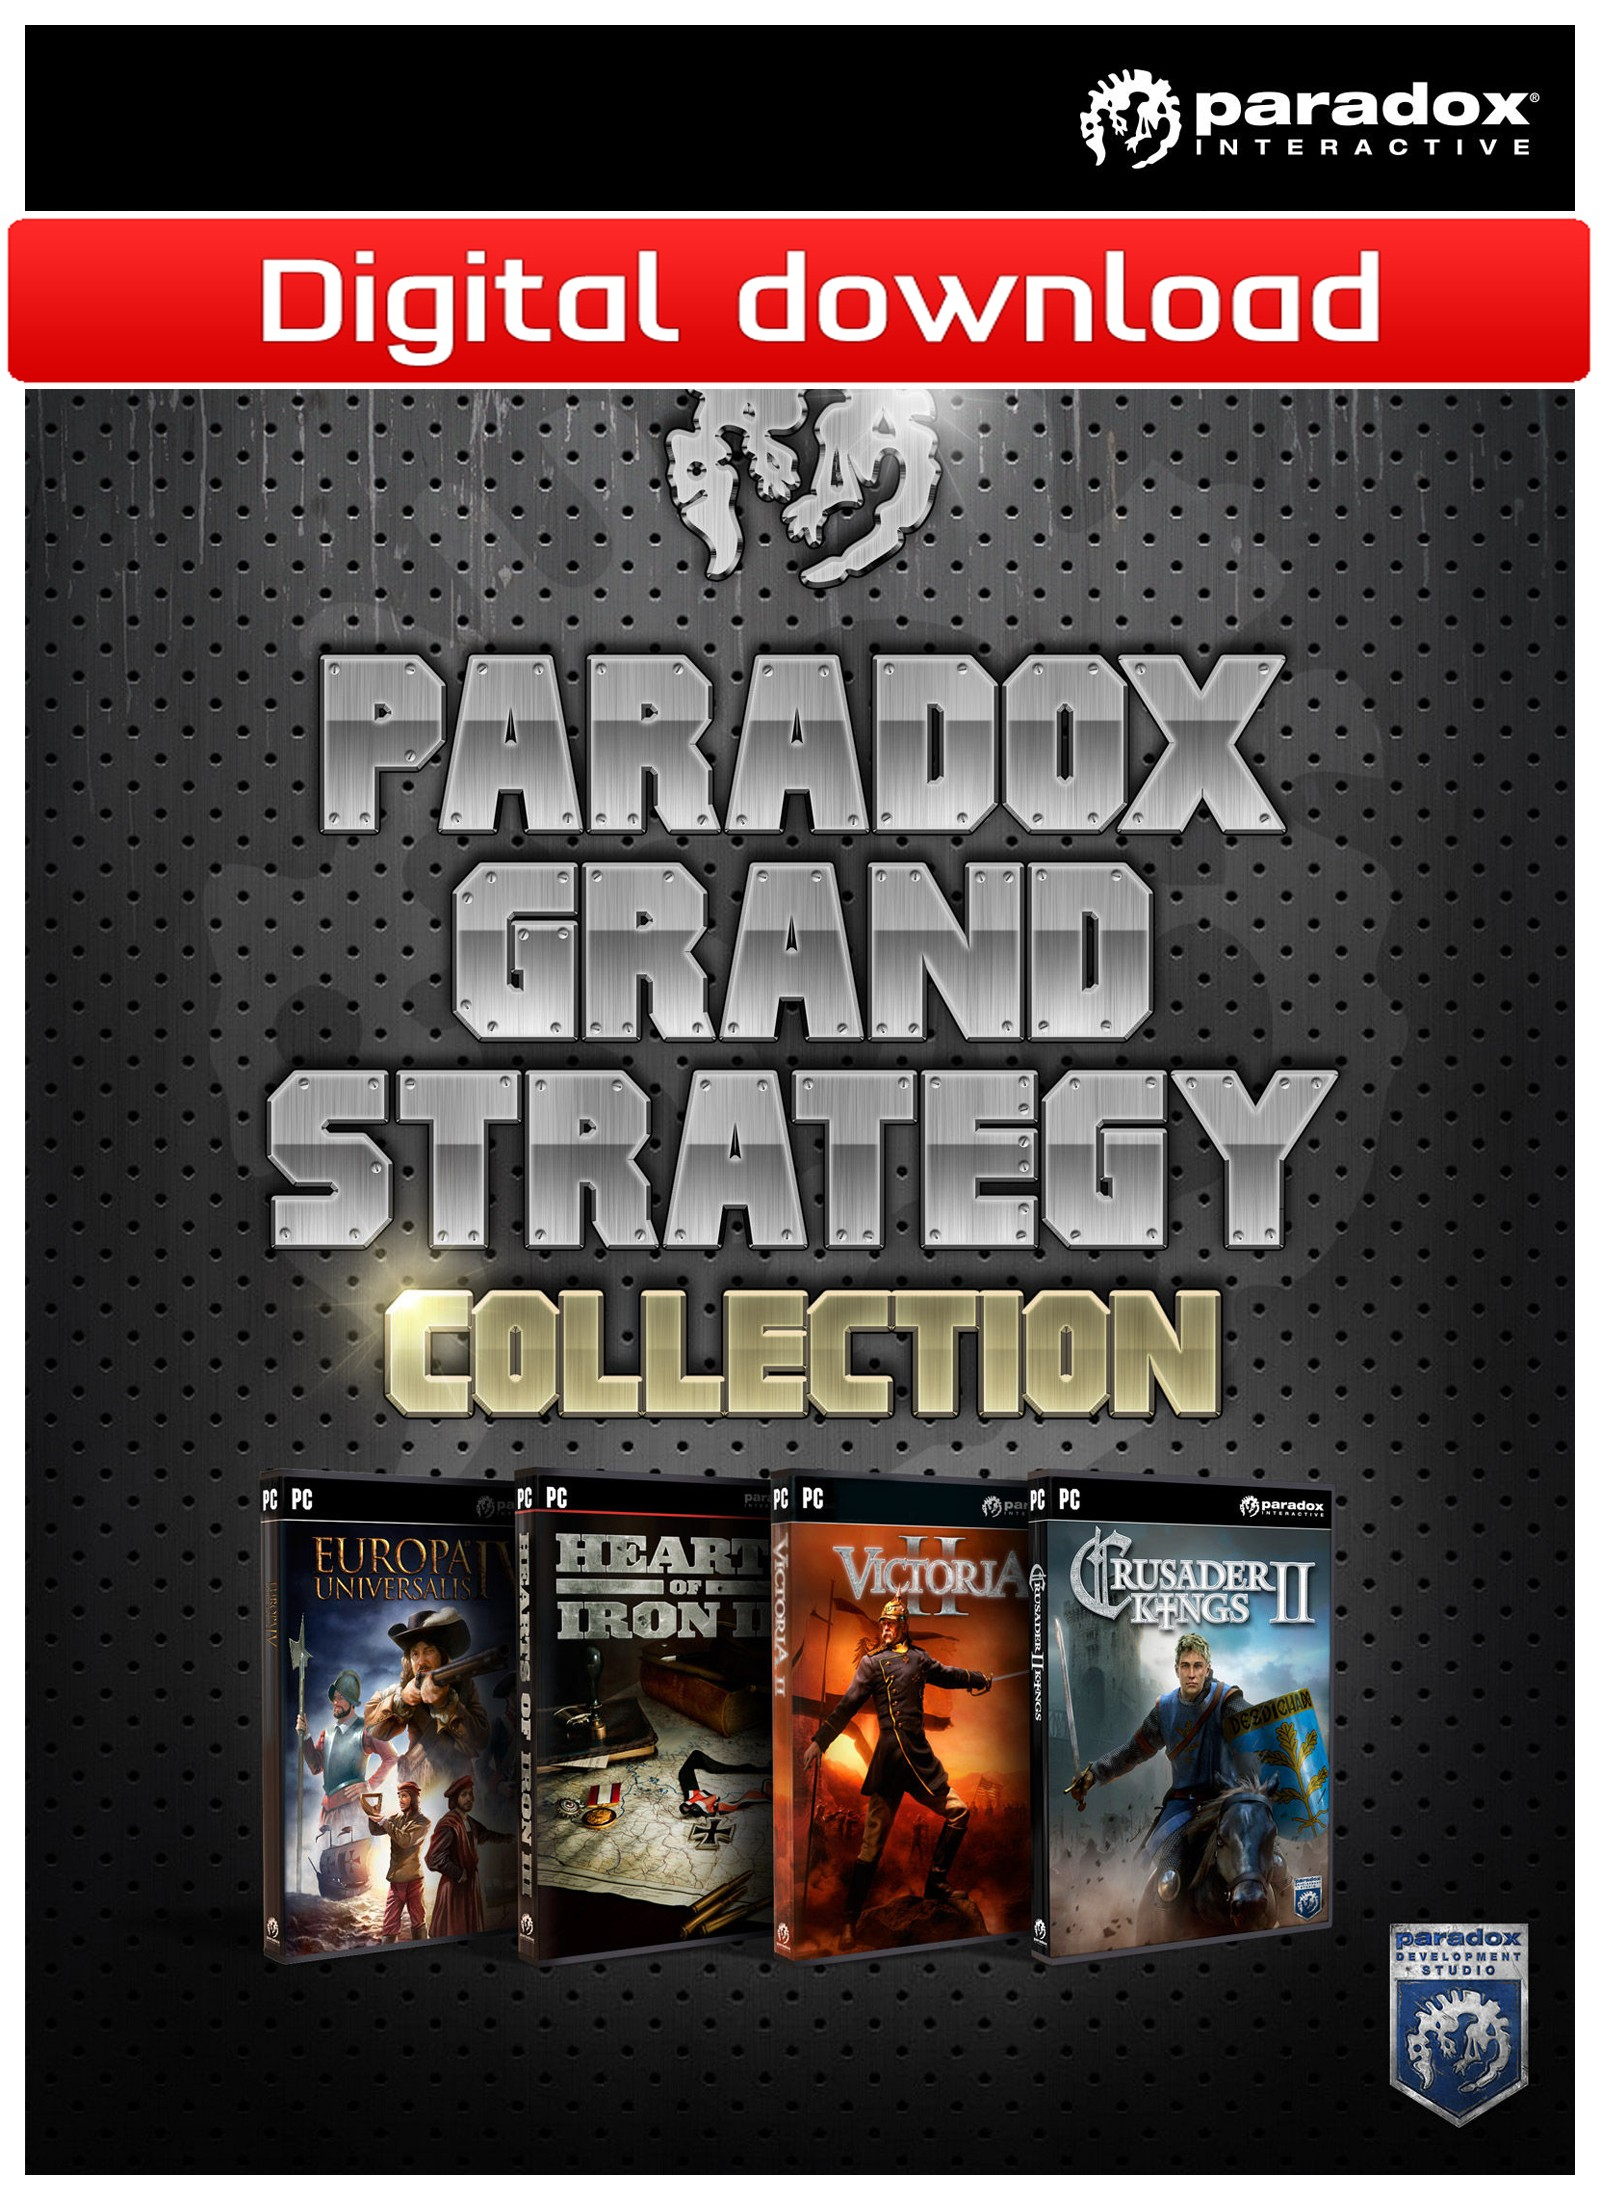 Paradox Grand Strategy (PC nedlastning) PCDD36353